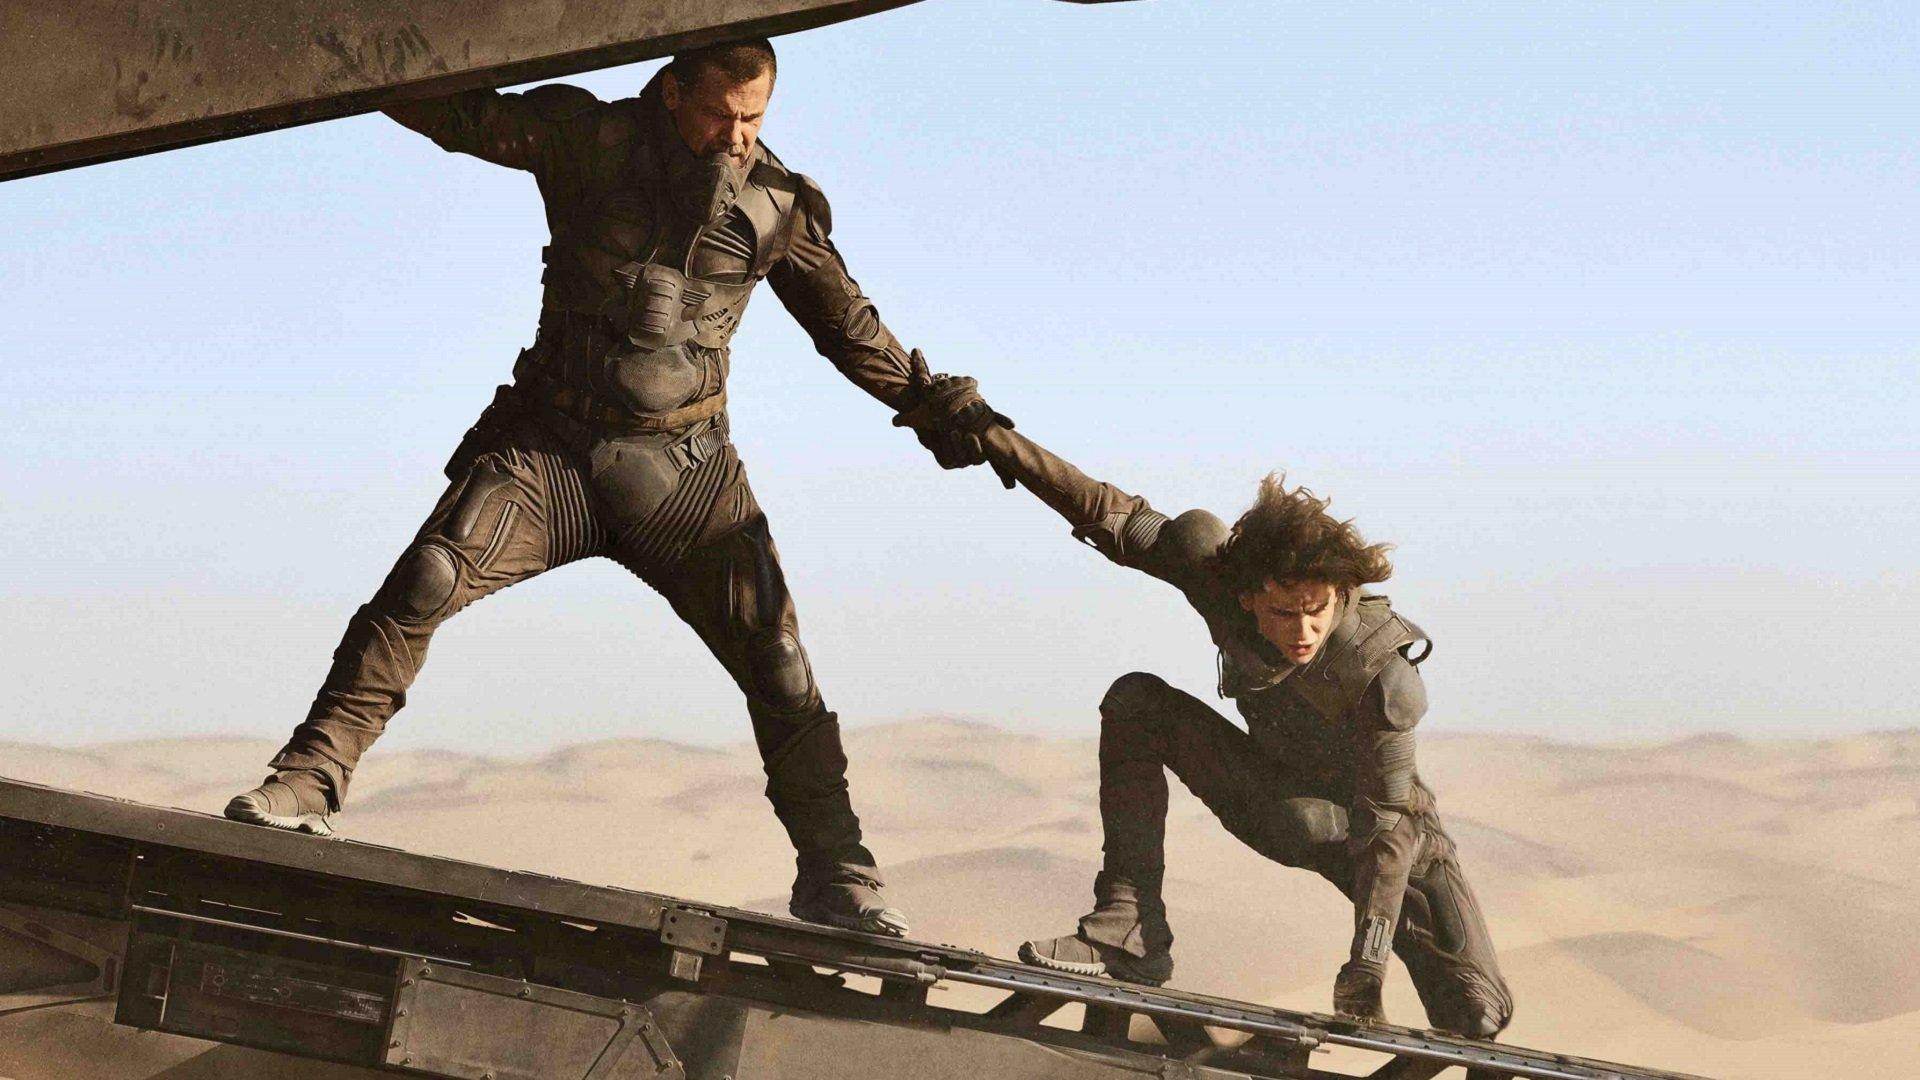 نمایش تصاویر حماسی و جدید در تریلر بین المللی فیلم Dune